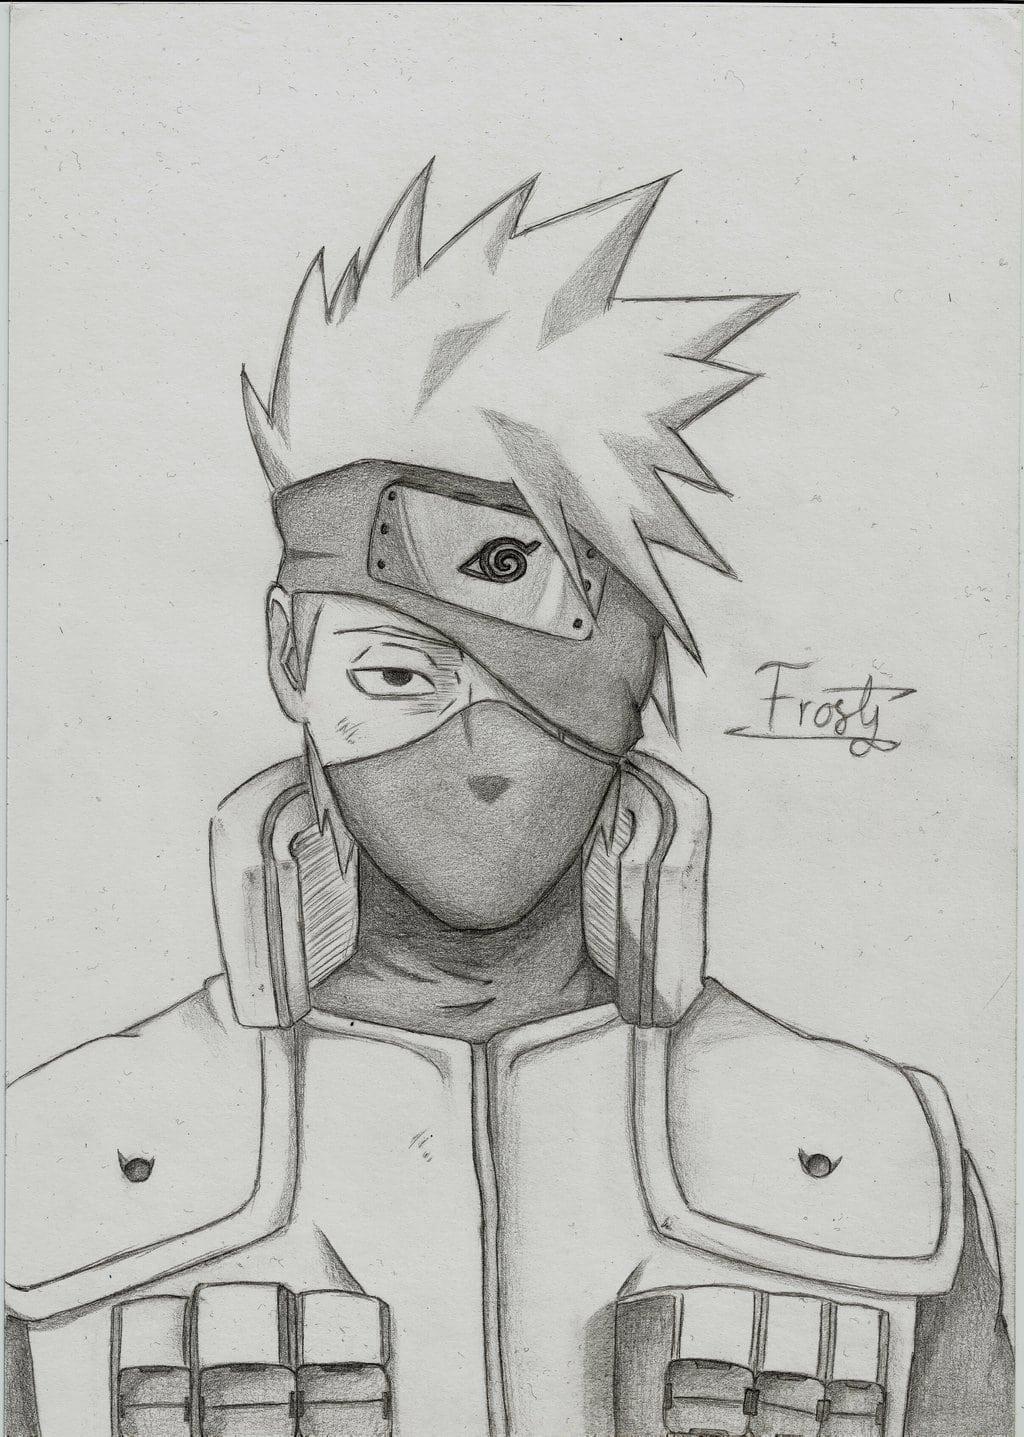 Naruto Shippuden  Kakashi Hatake By Frostytk On Deviantart